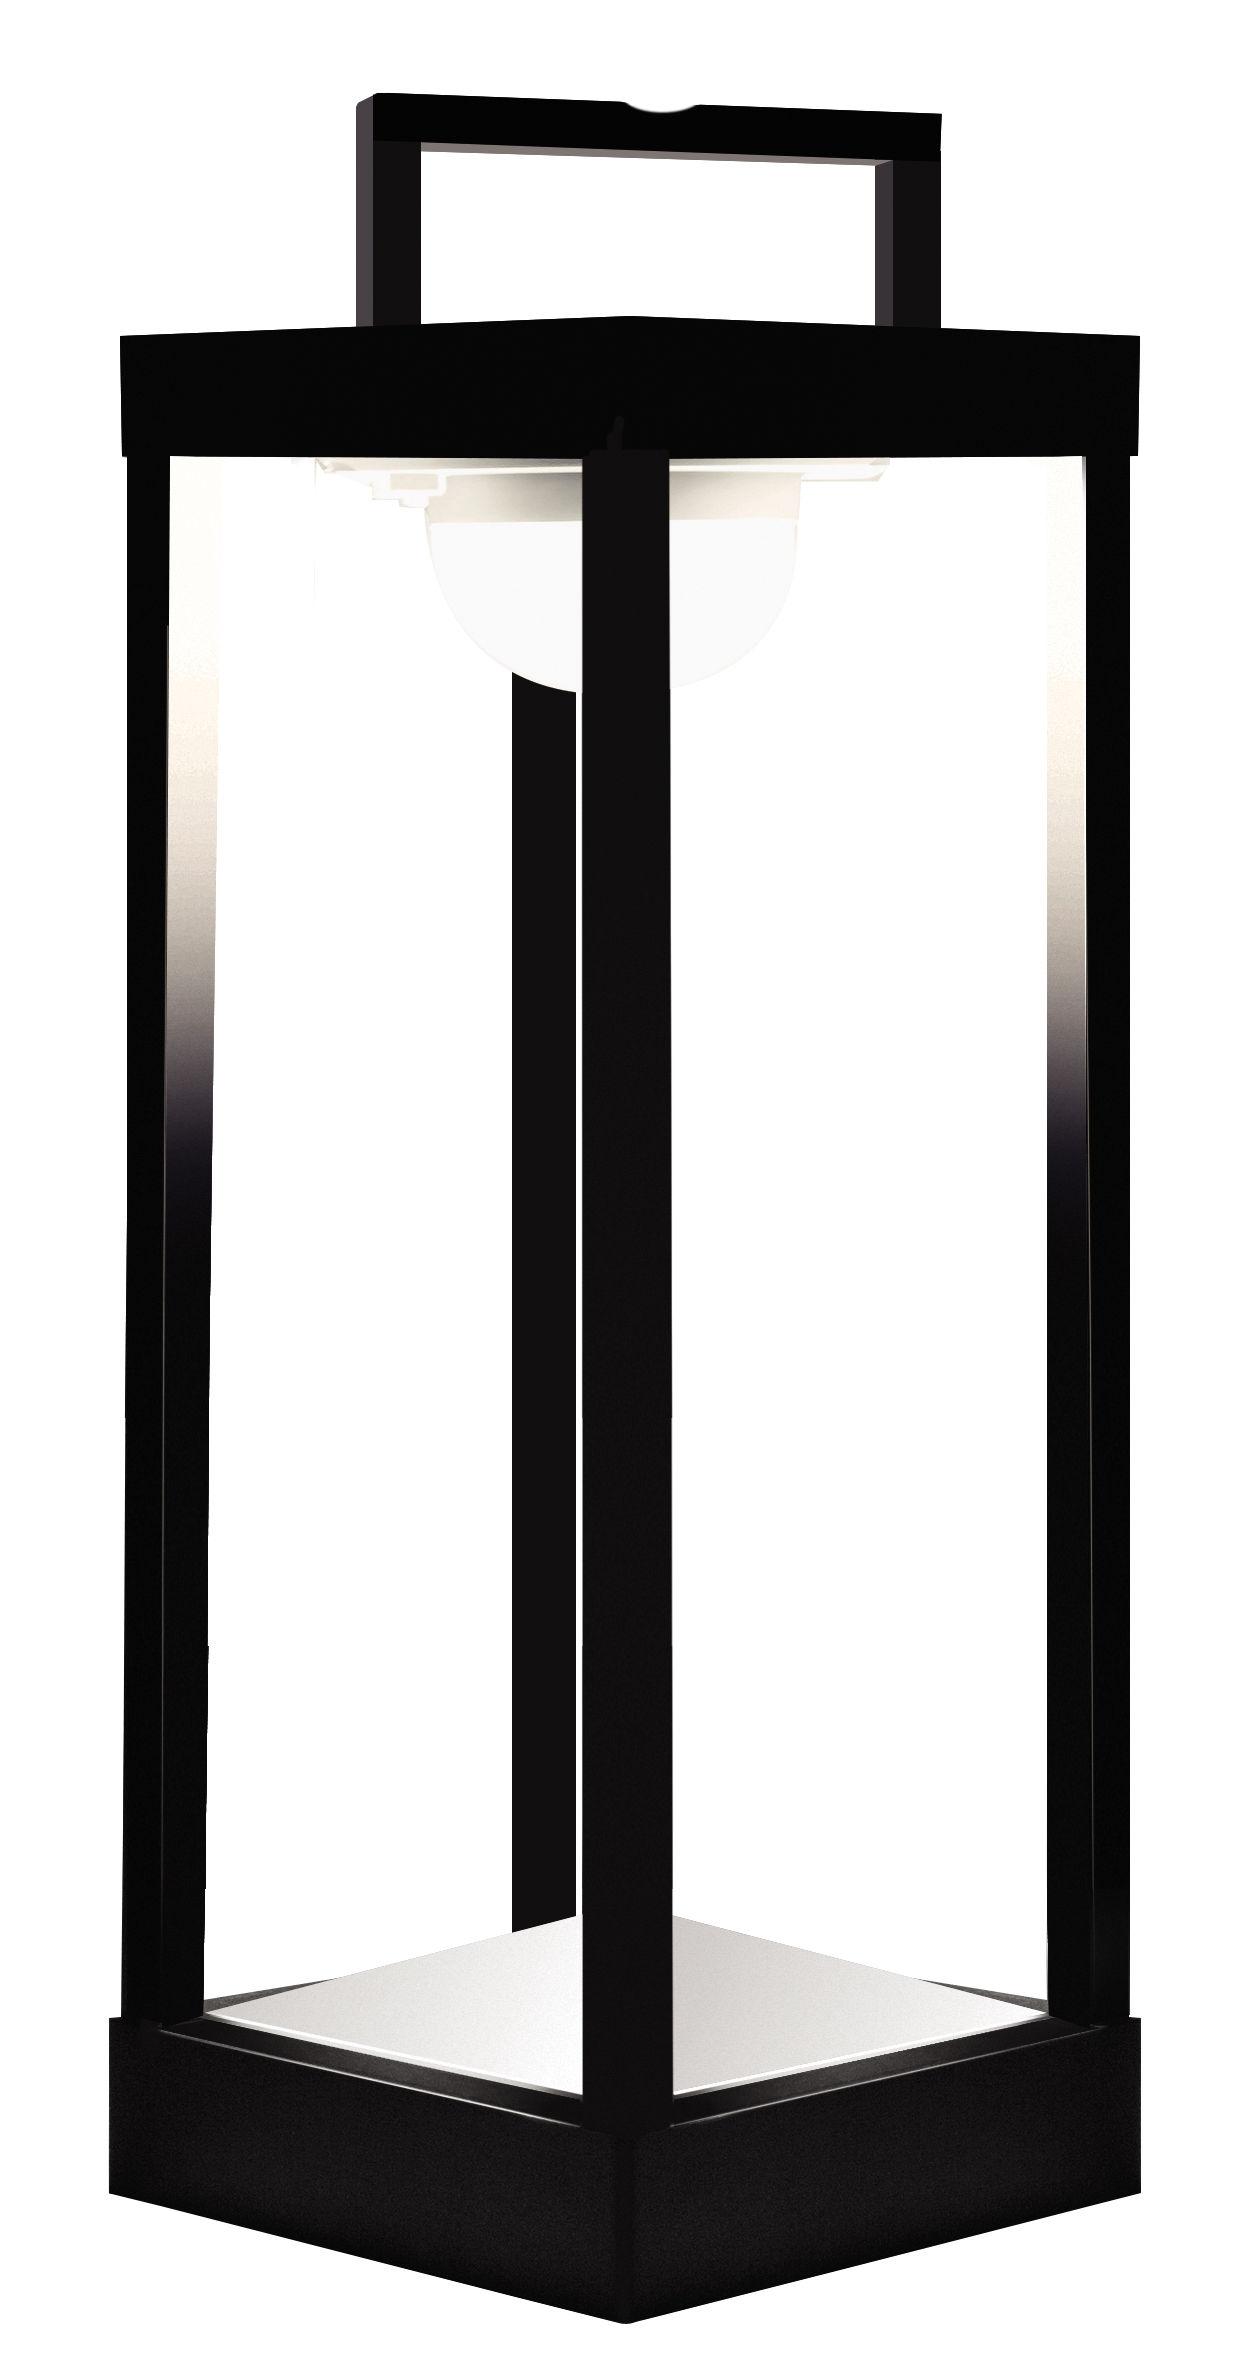 Illuminazione - Lampade da tavolo - Lampada solare La Lampe Parc L LED / Senza fili - H 50 cm - Maiori - Nero - Alluminio, Vetro